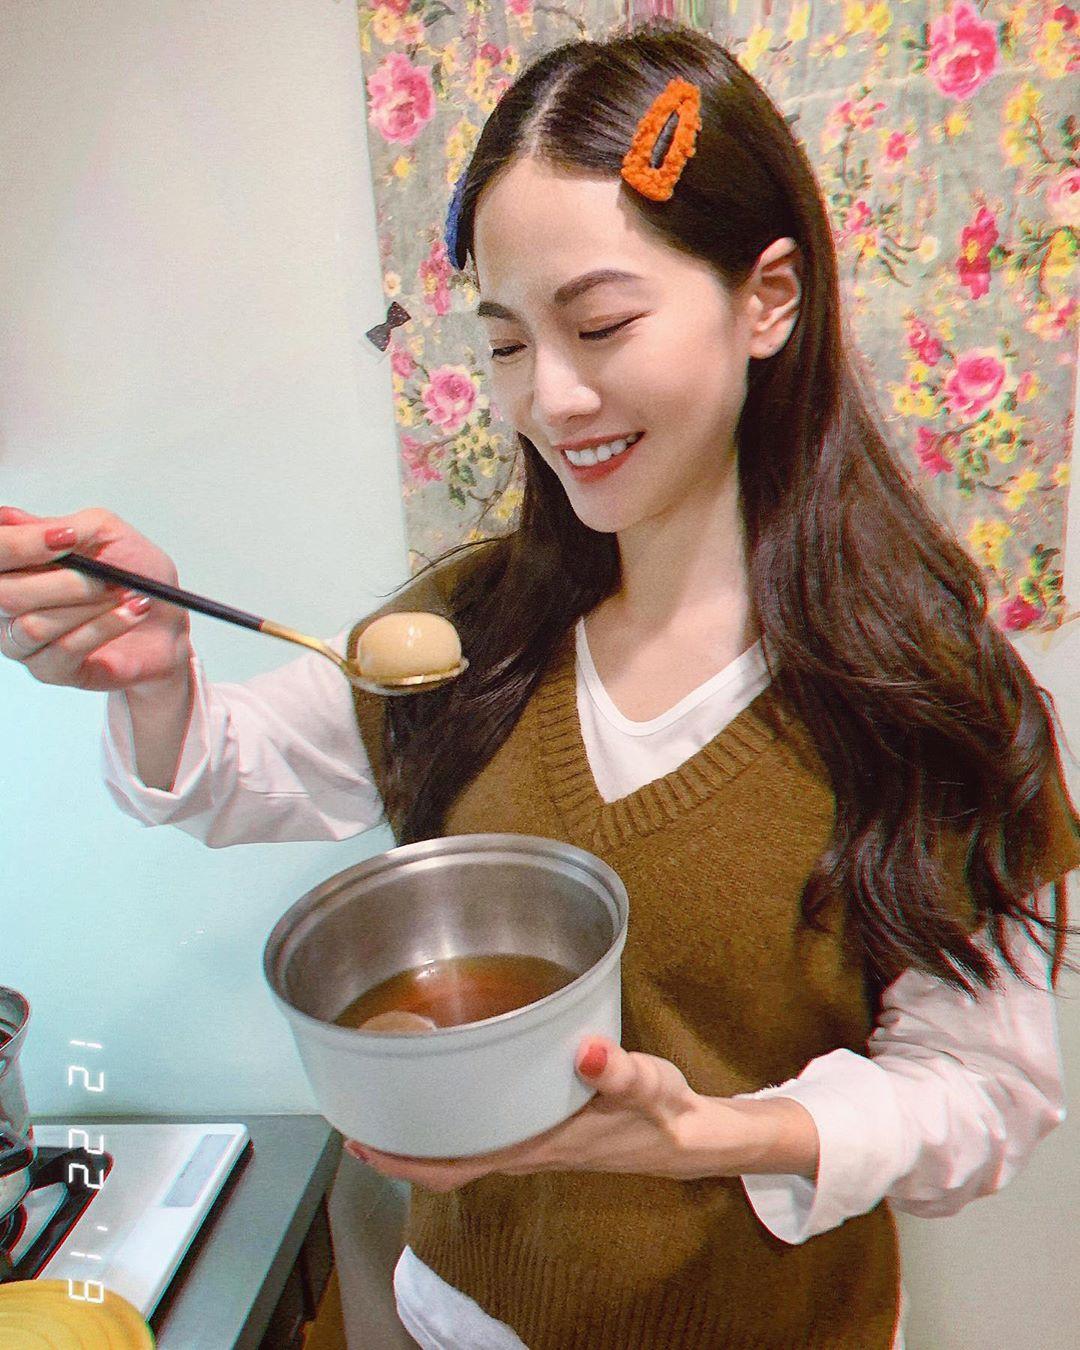 """Nữ thần tượng Đài Loan chia sẻ tuyệt kỹ """"ăn hoài không béo"""", nghe xong ai cũng gật gù vì chí lý - Ảnh 7."""